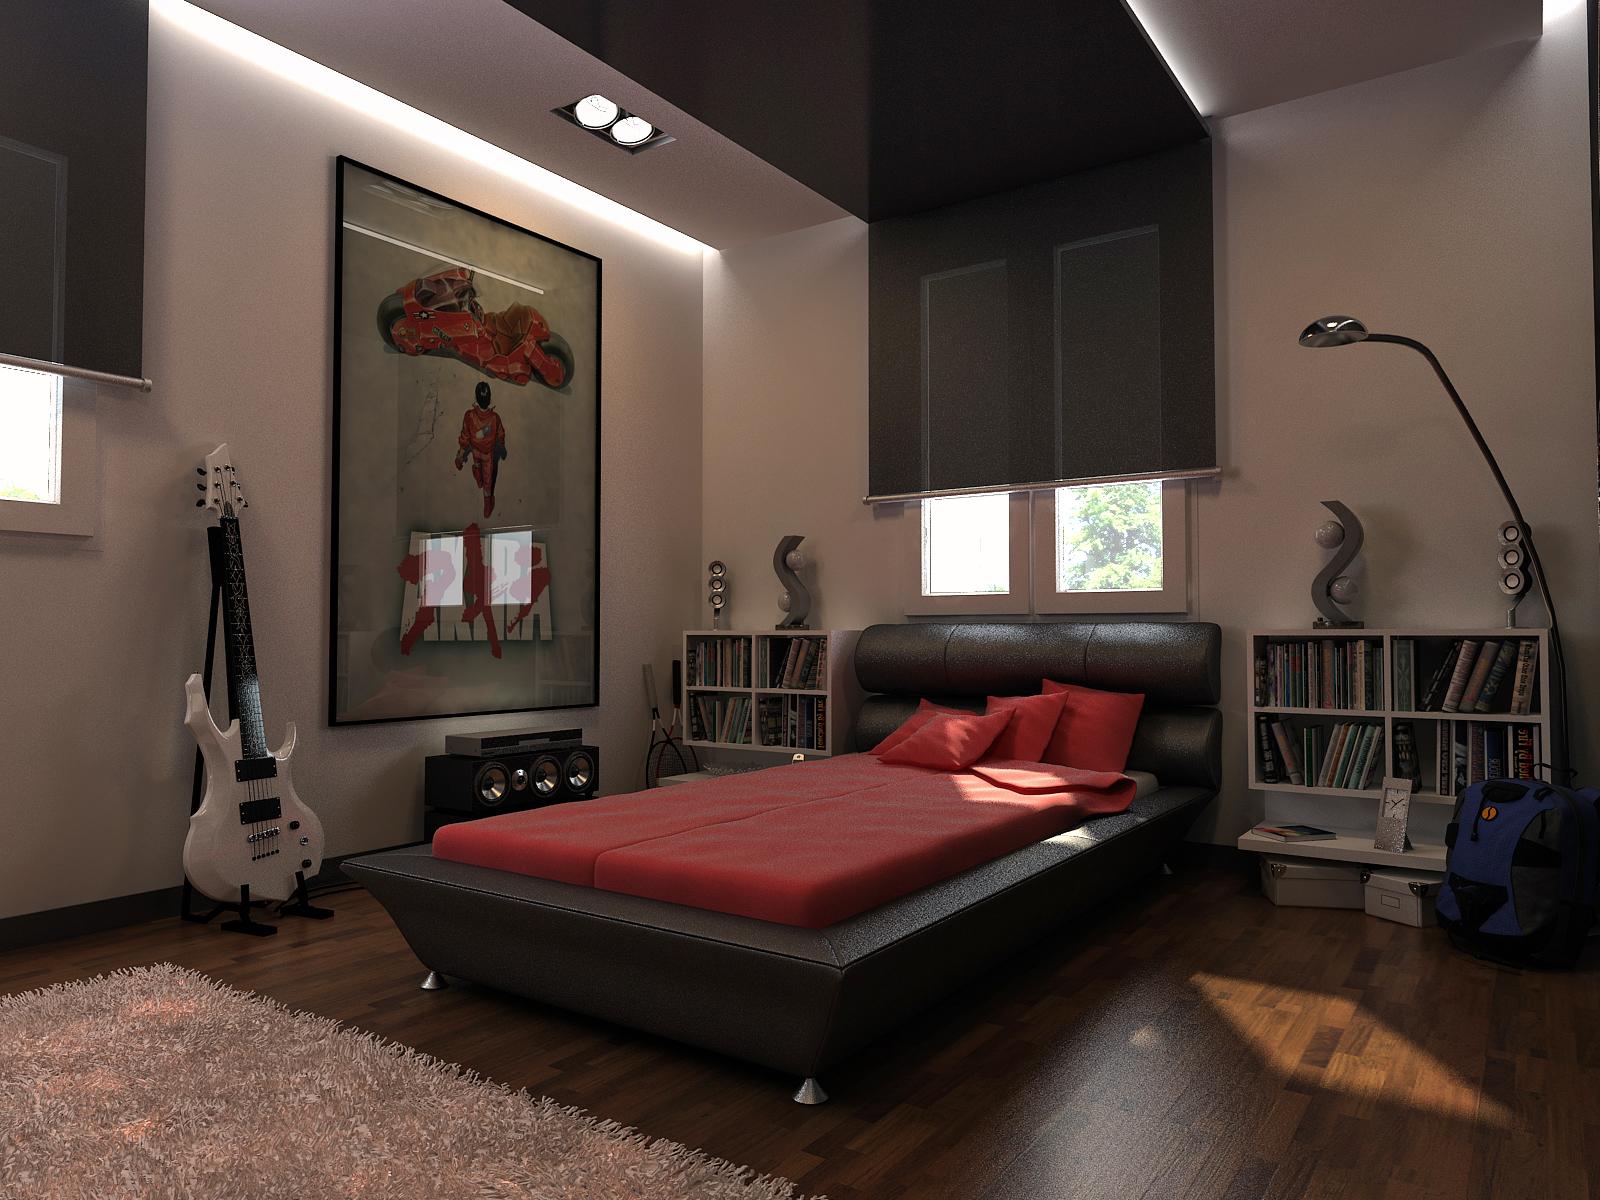 boy room by ELFTUG on DeviantArt